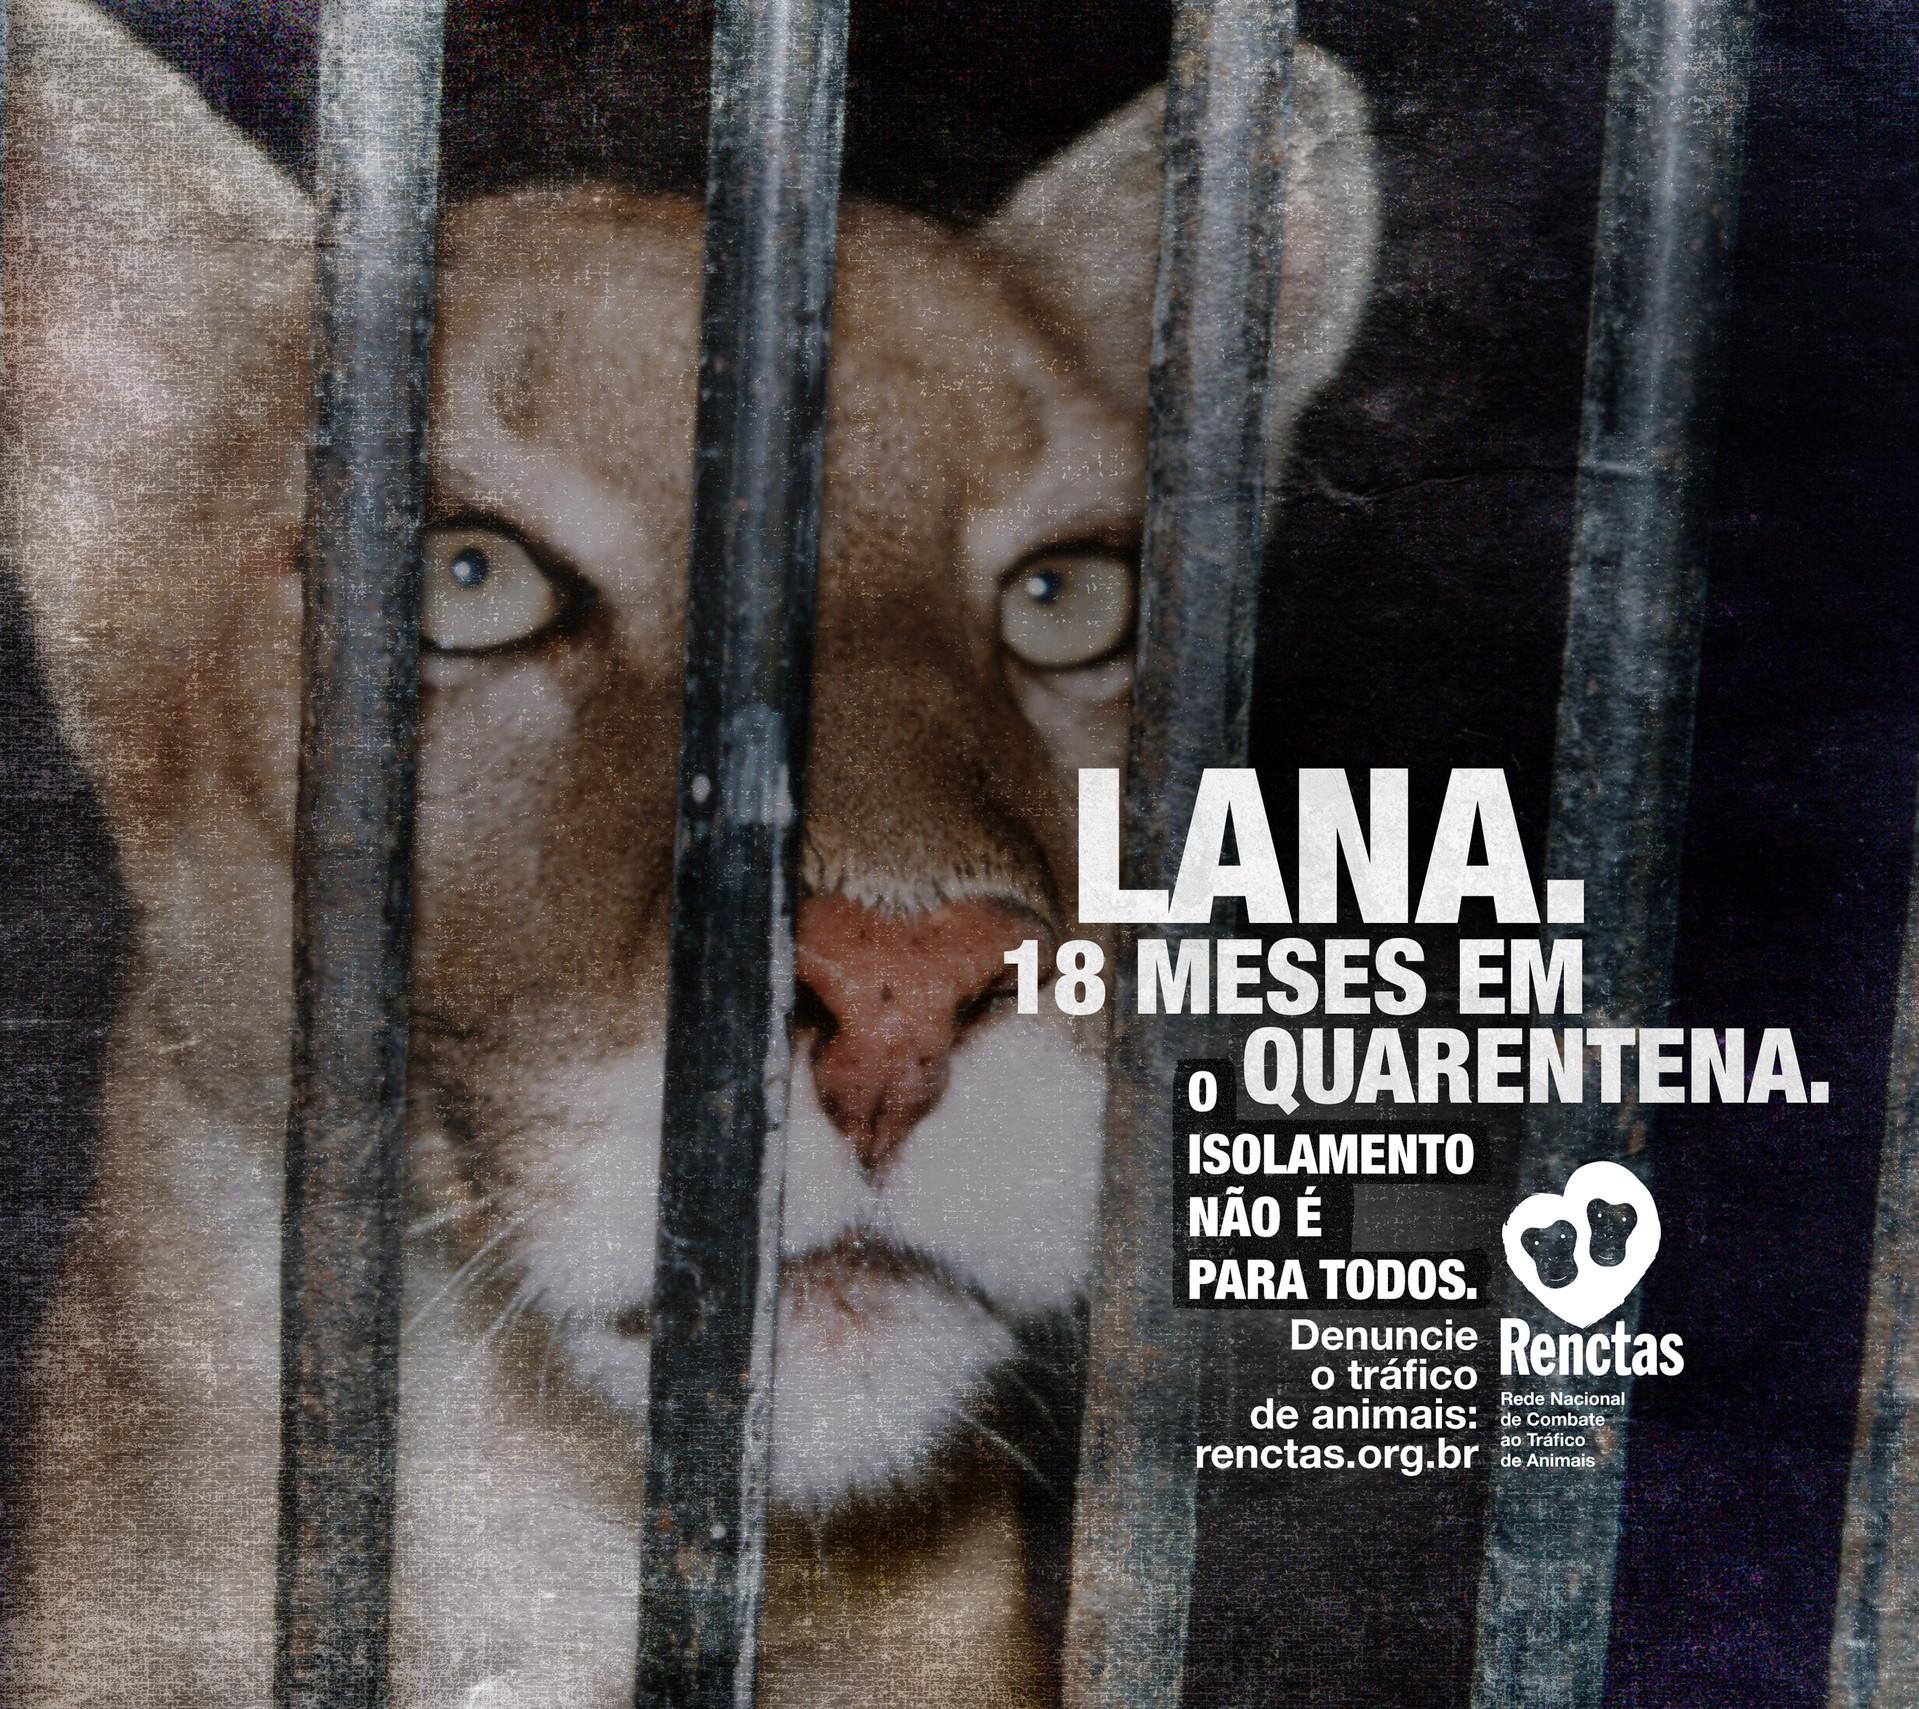 292x260-Lana-CCSP.jpg